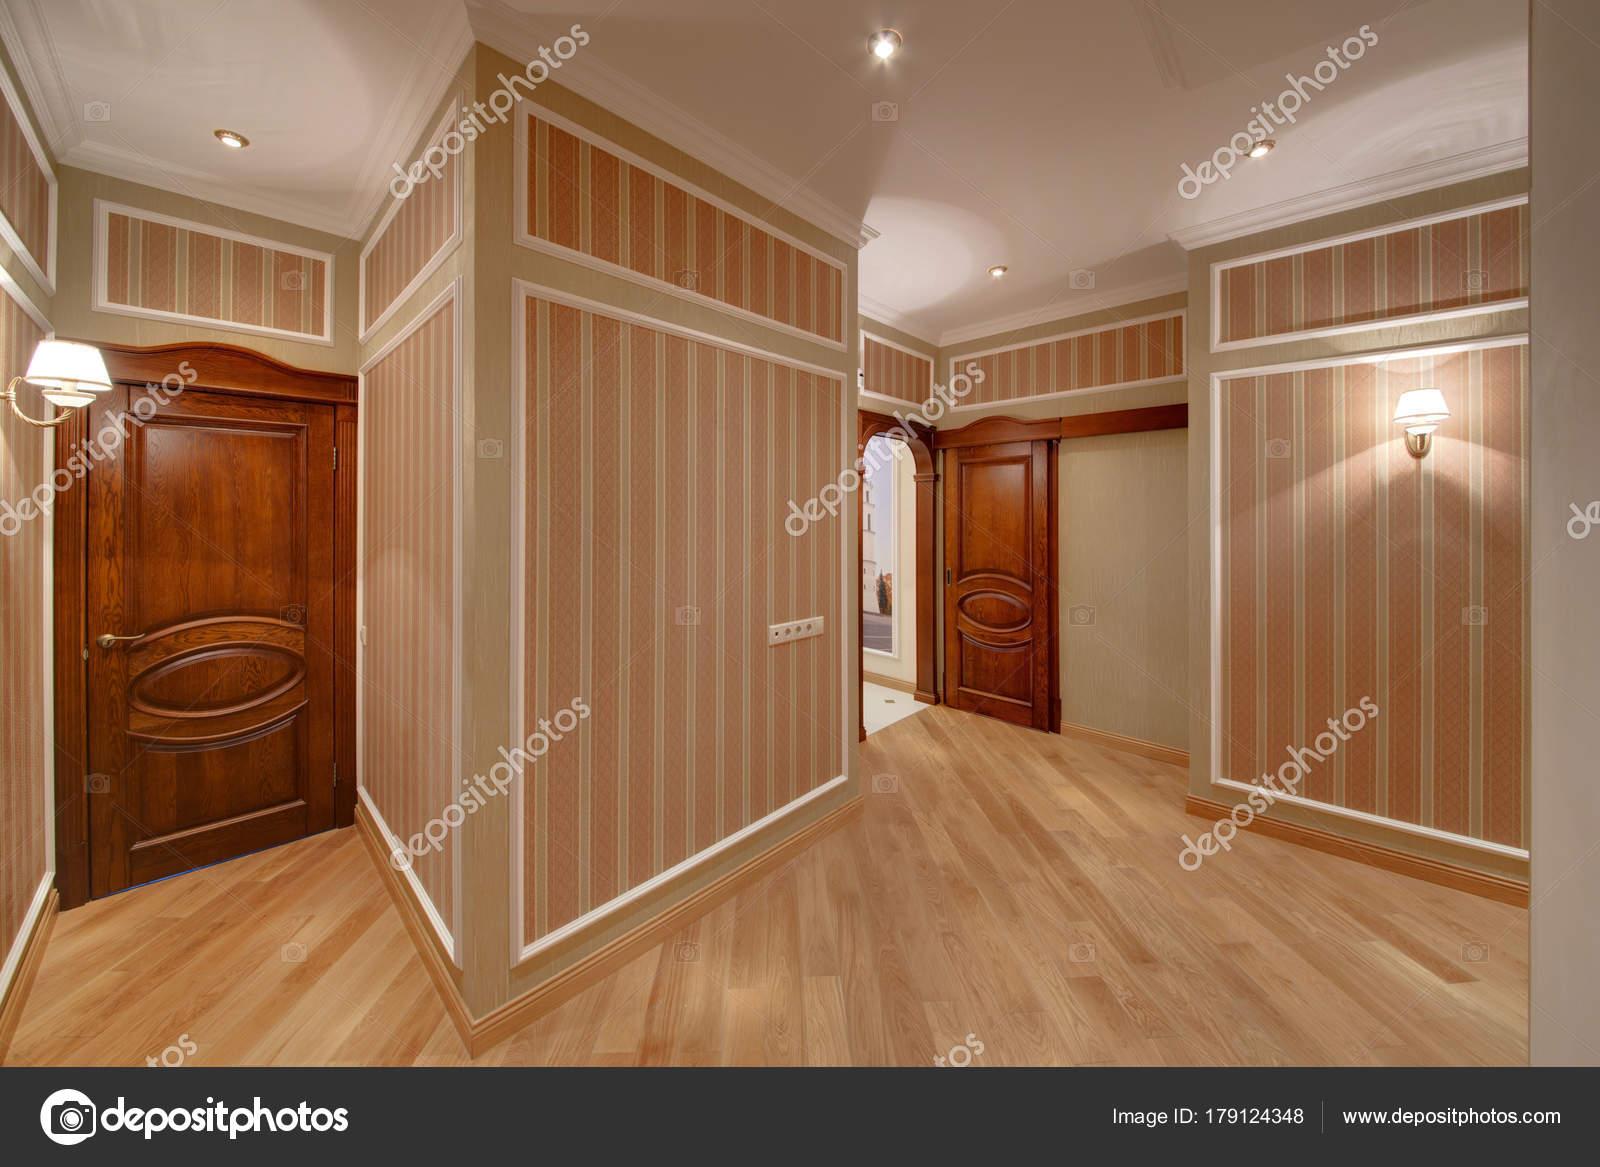 Pareti A Strisce Beige : Ampio corridoio con pareti strisce belle porte legno lampade sui